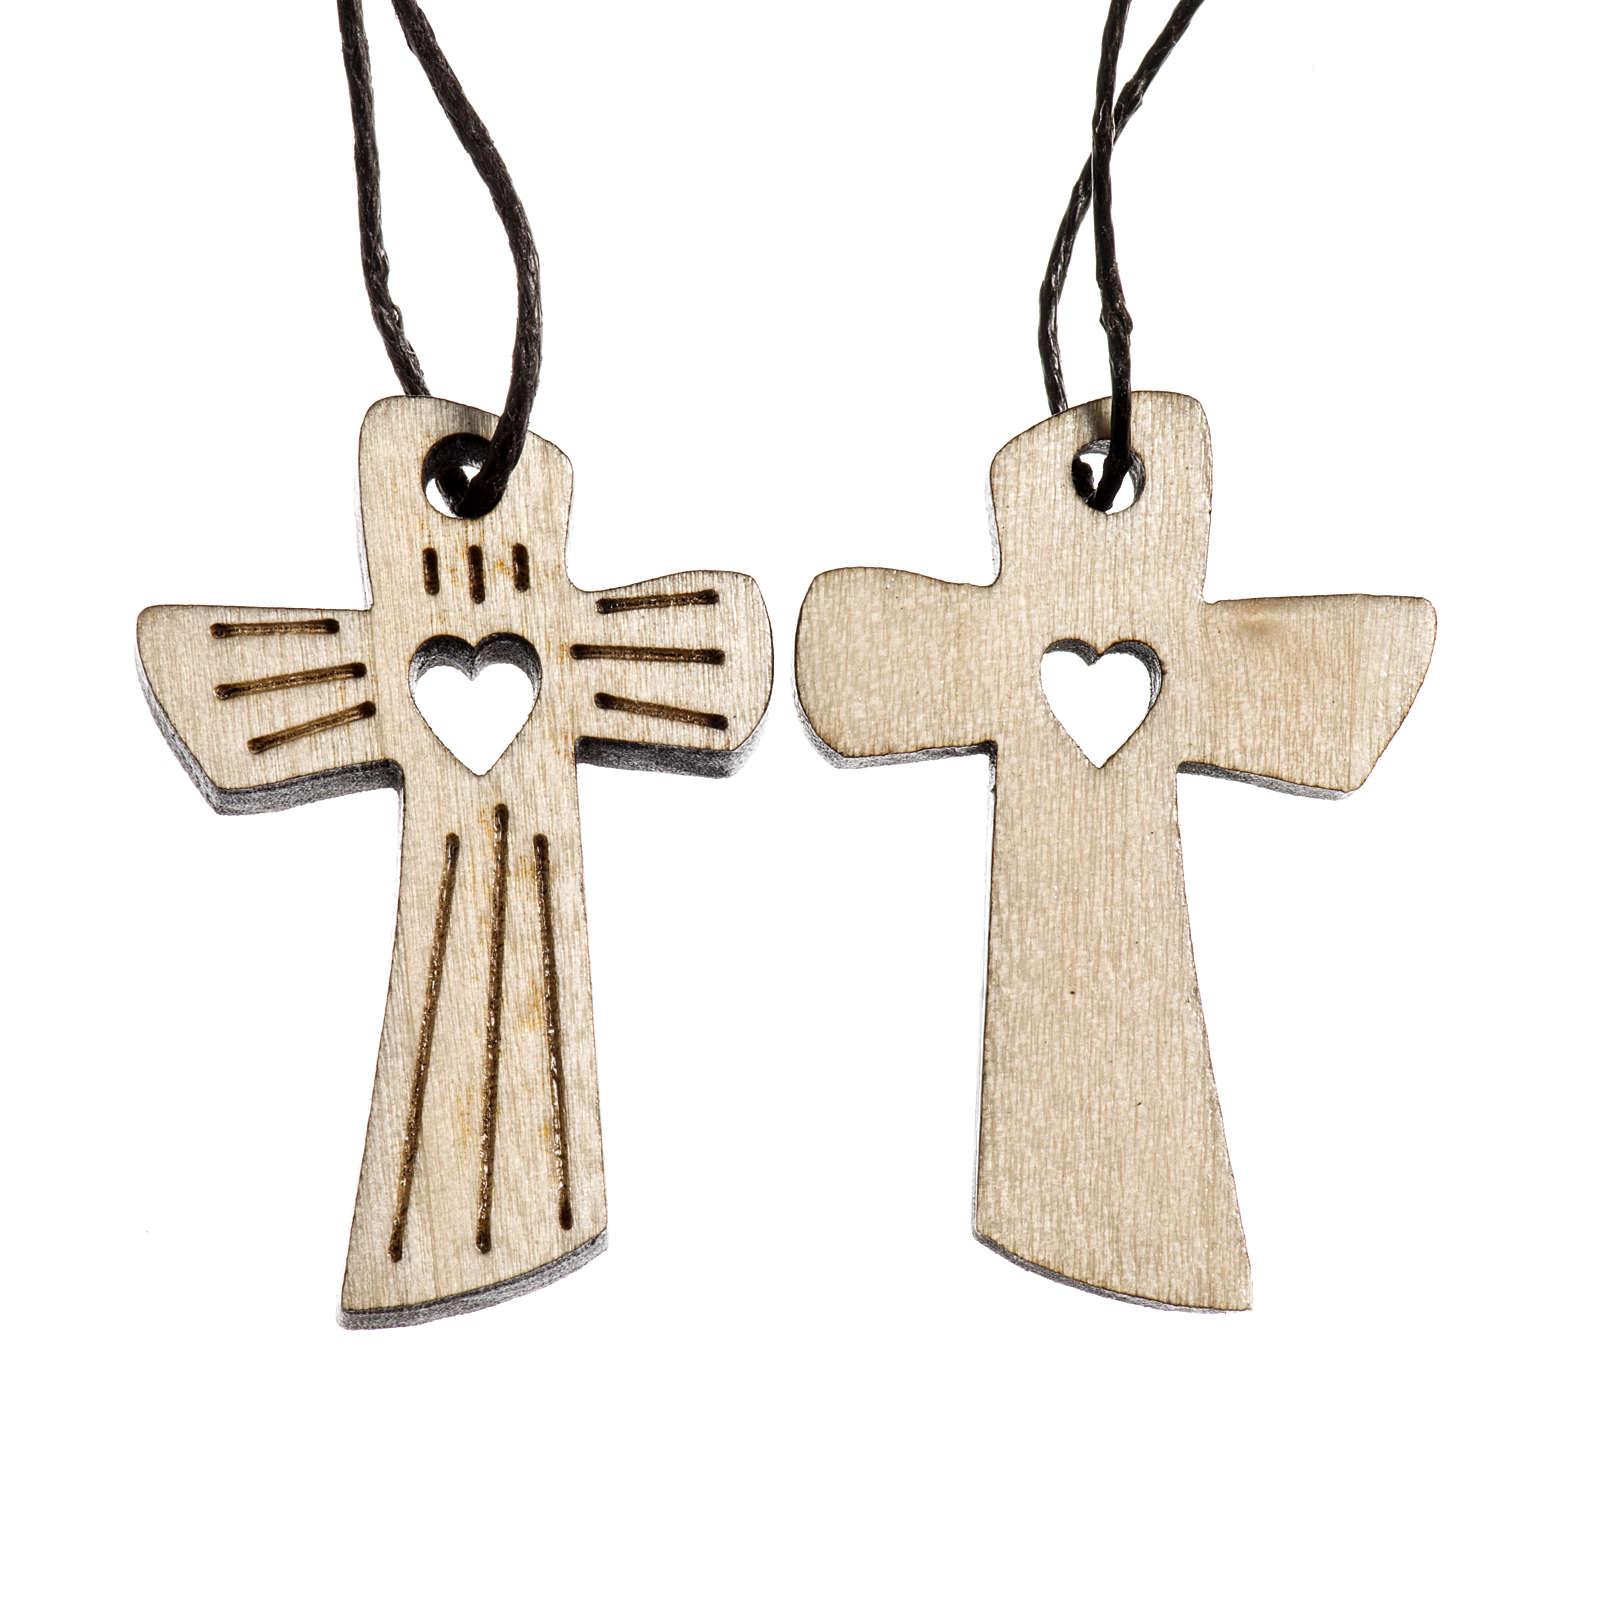 Medaglia Comunione legno intaglio cuore 4